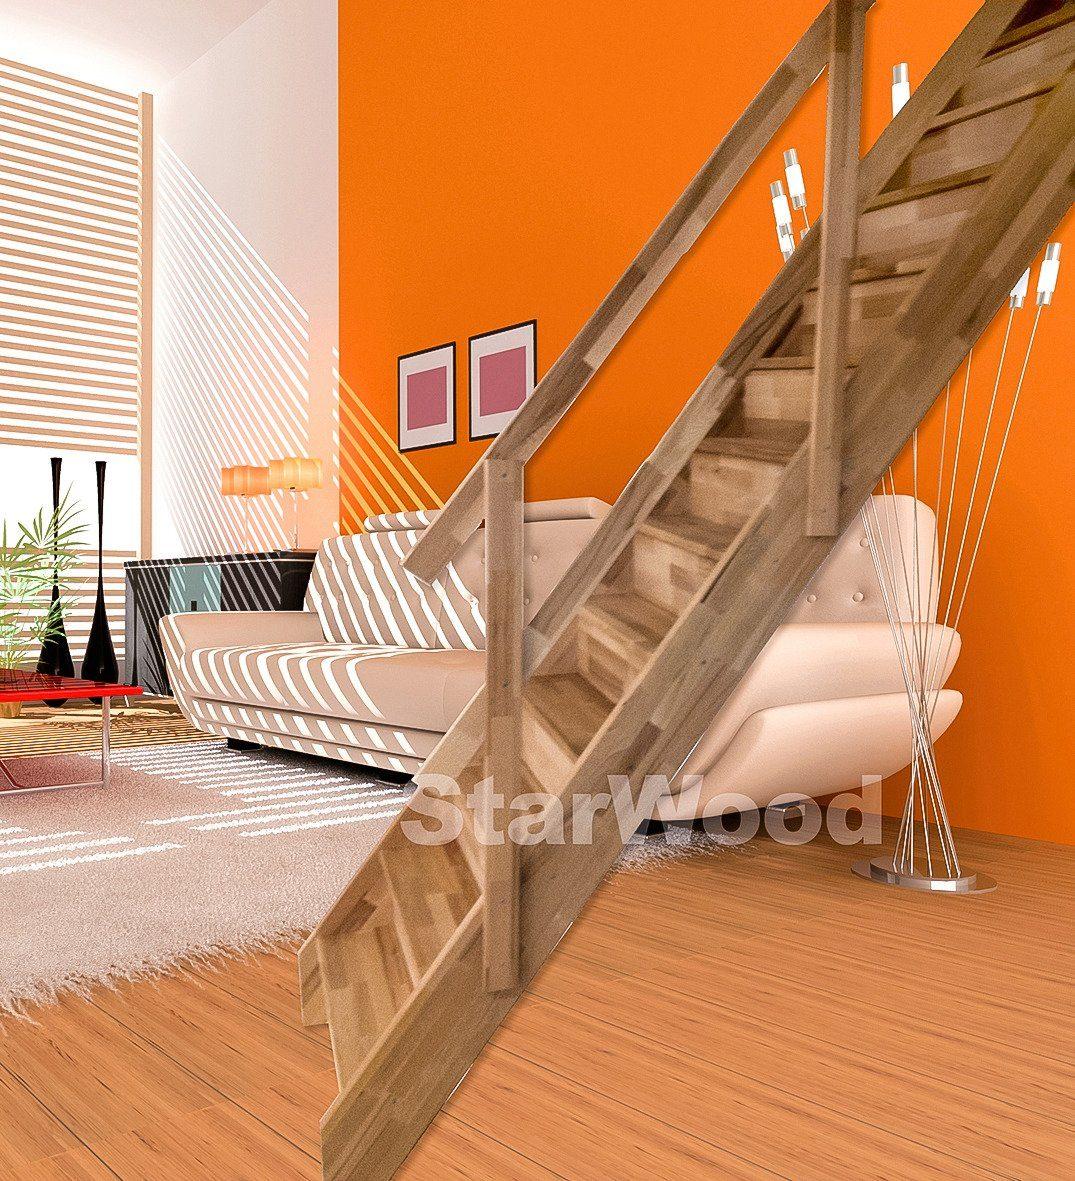 STARWOOD Raumspartreppe »Rhodos«, geschl. Stufen, gerade, Holzgeländer links